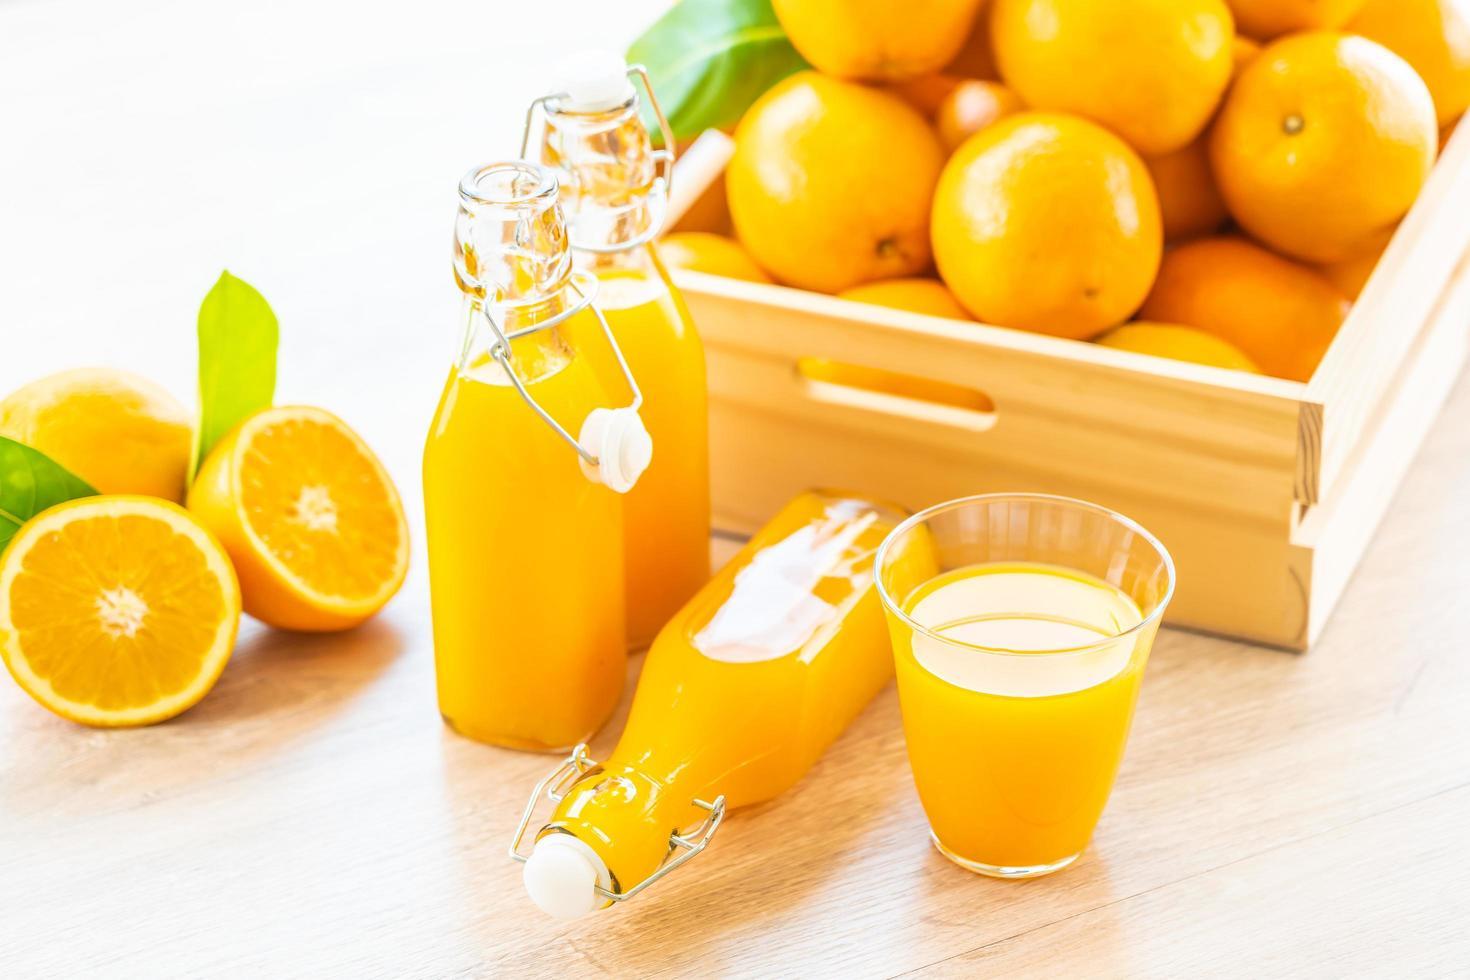 frischer Orangensaft zum Trinken in Flaschenglas foto